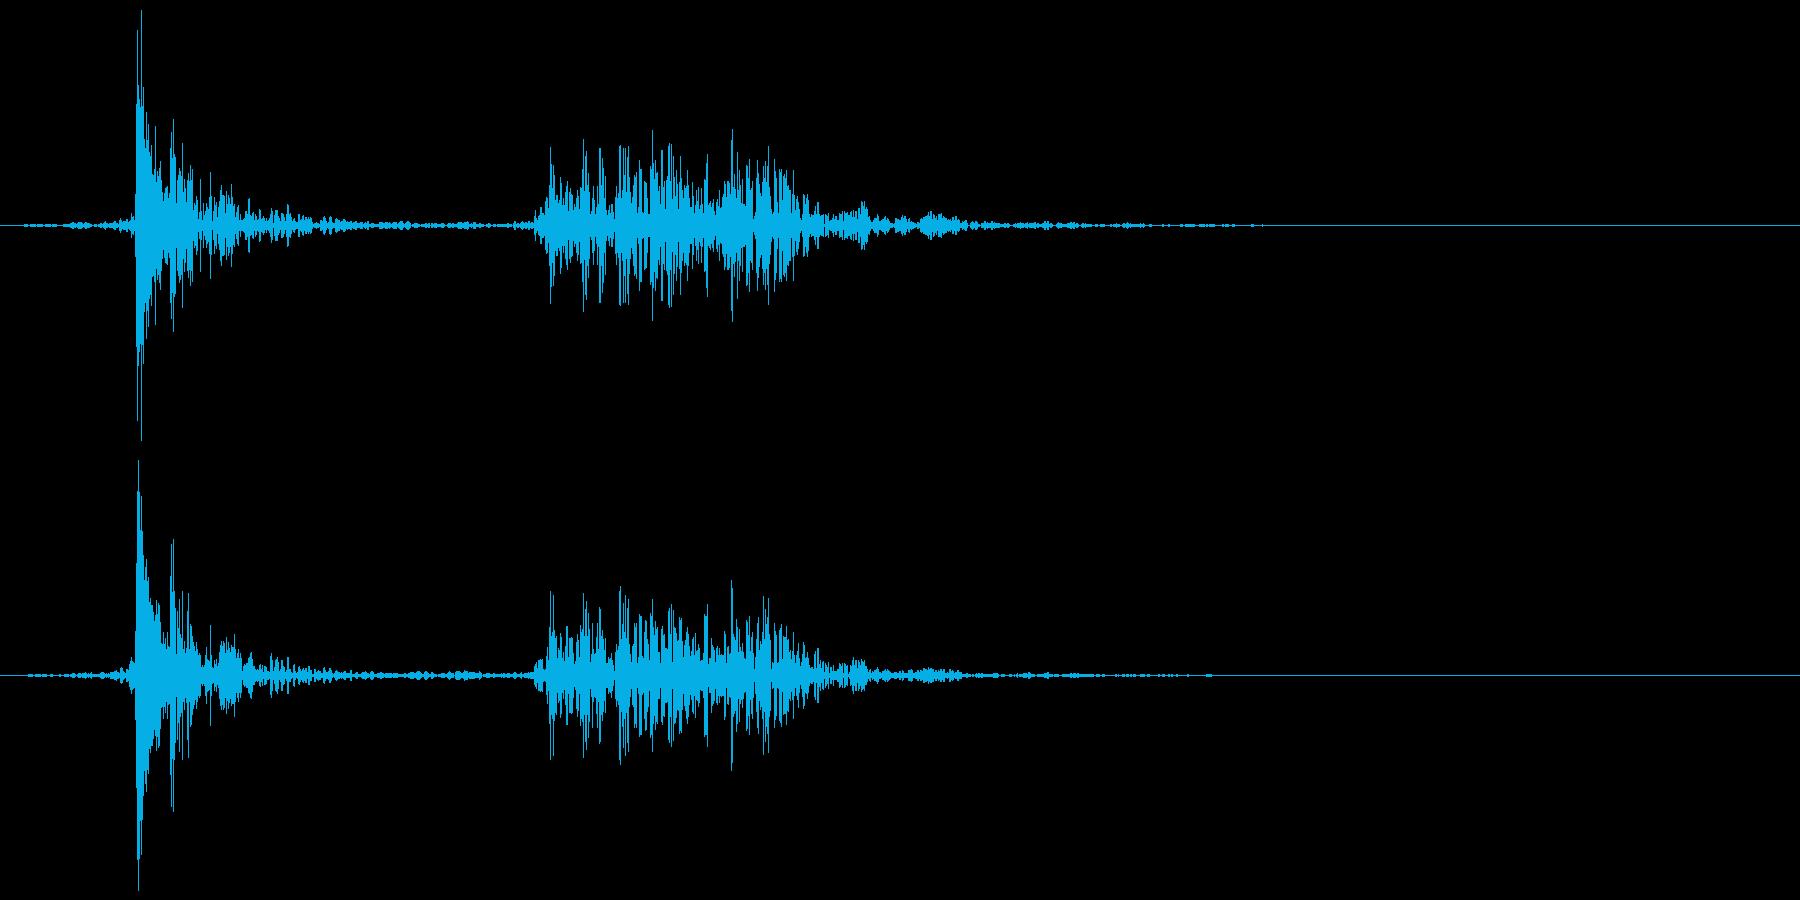 テレビ/ブラウン管 消灯音 カッ、カコンの再生済みの波形